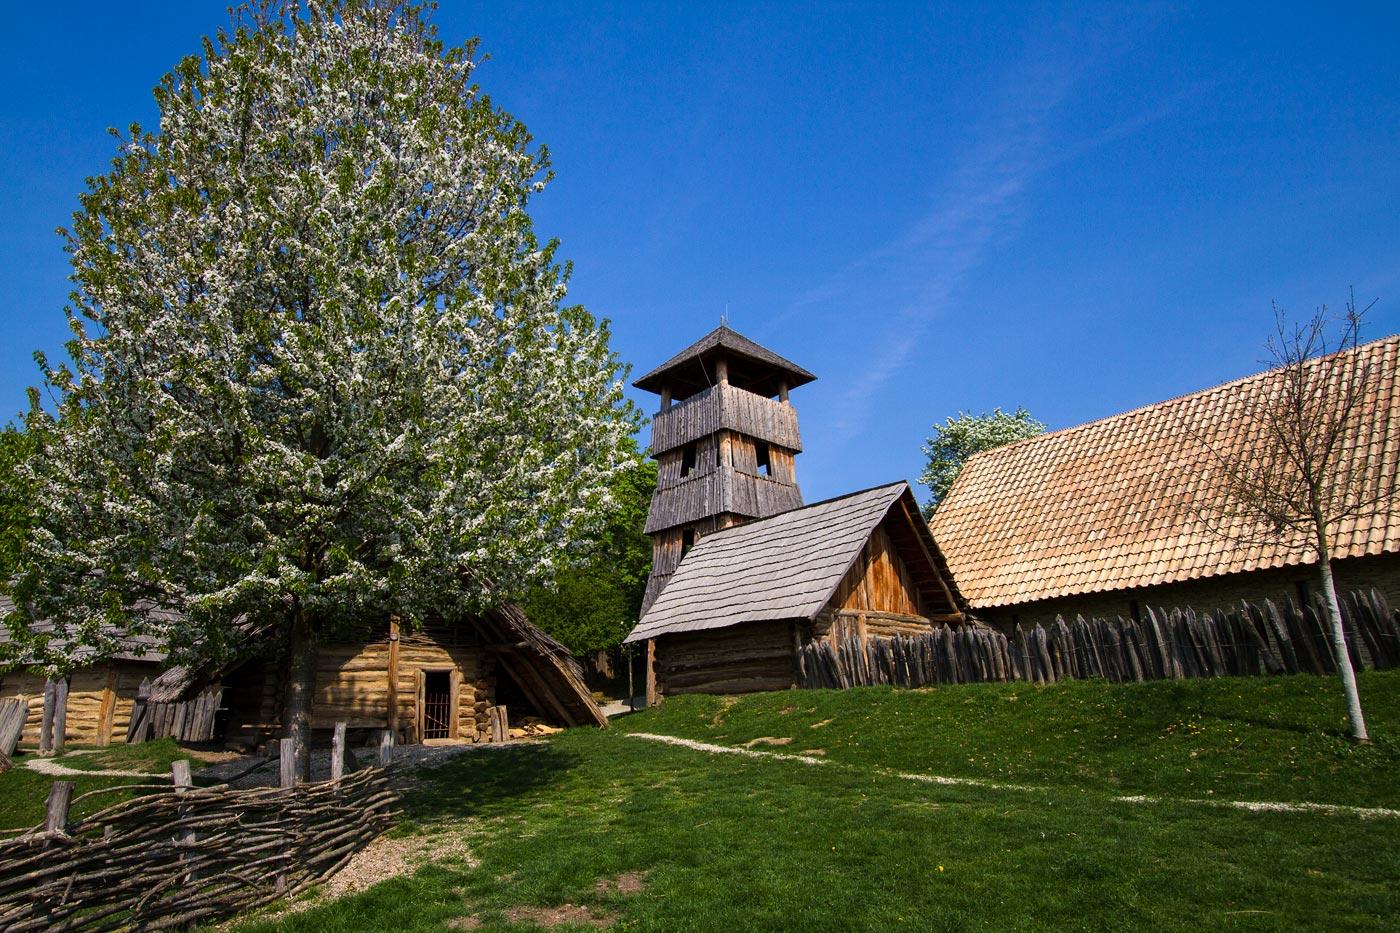 Модра - археологический и этнографический музей под открытым небом